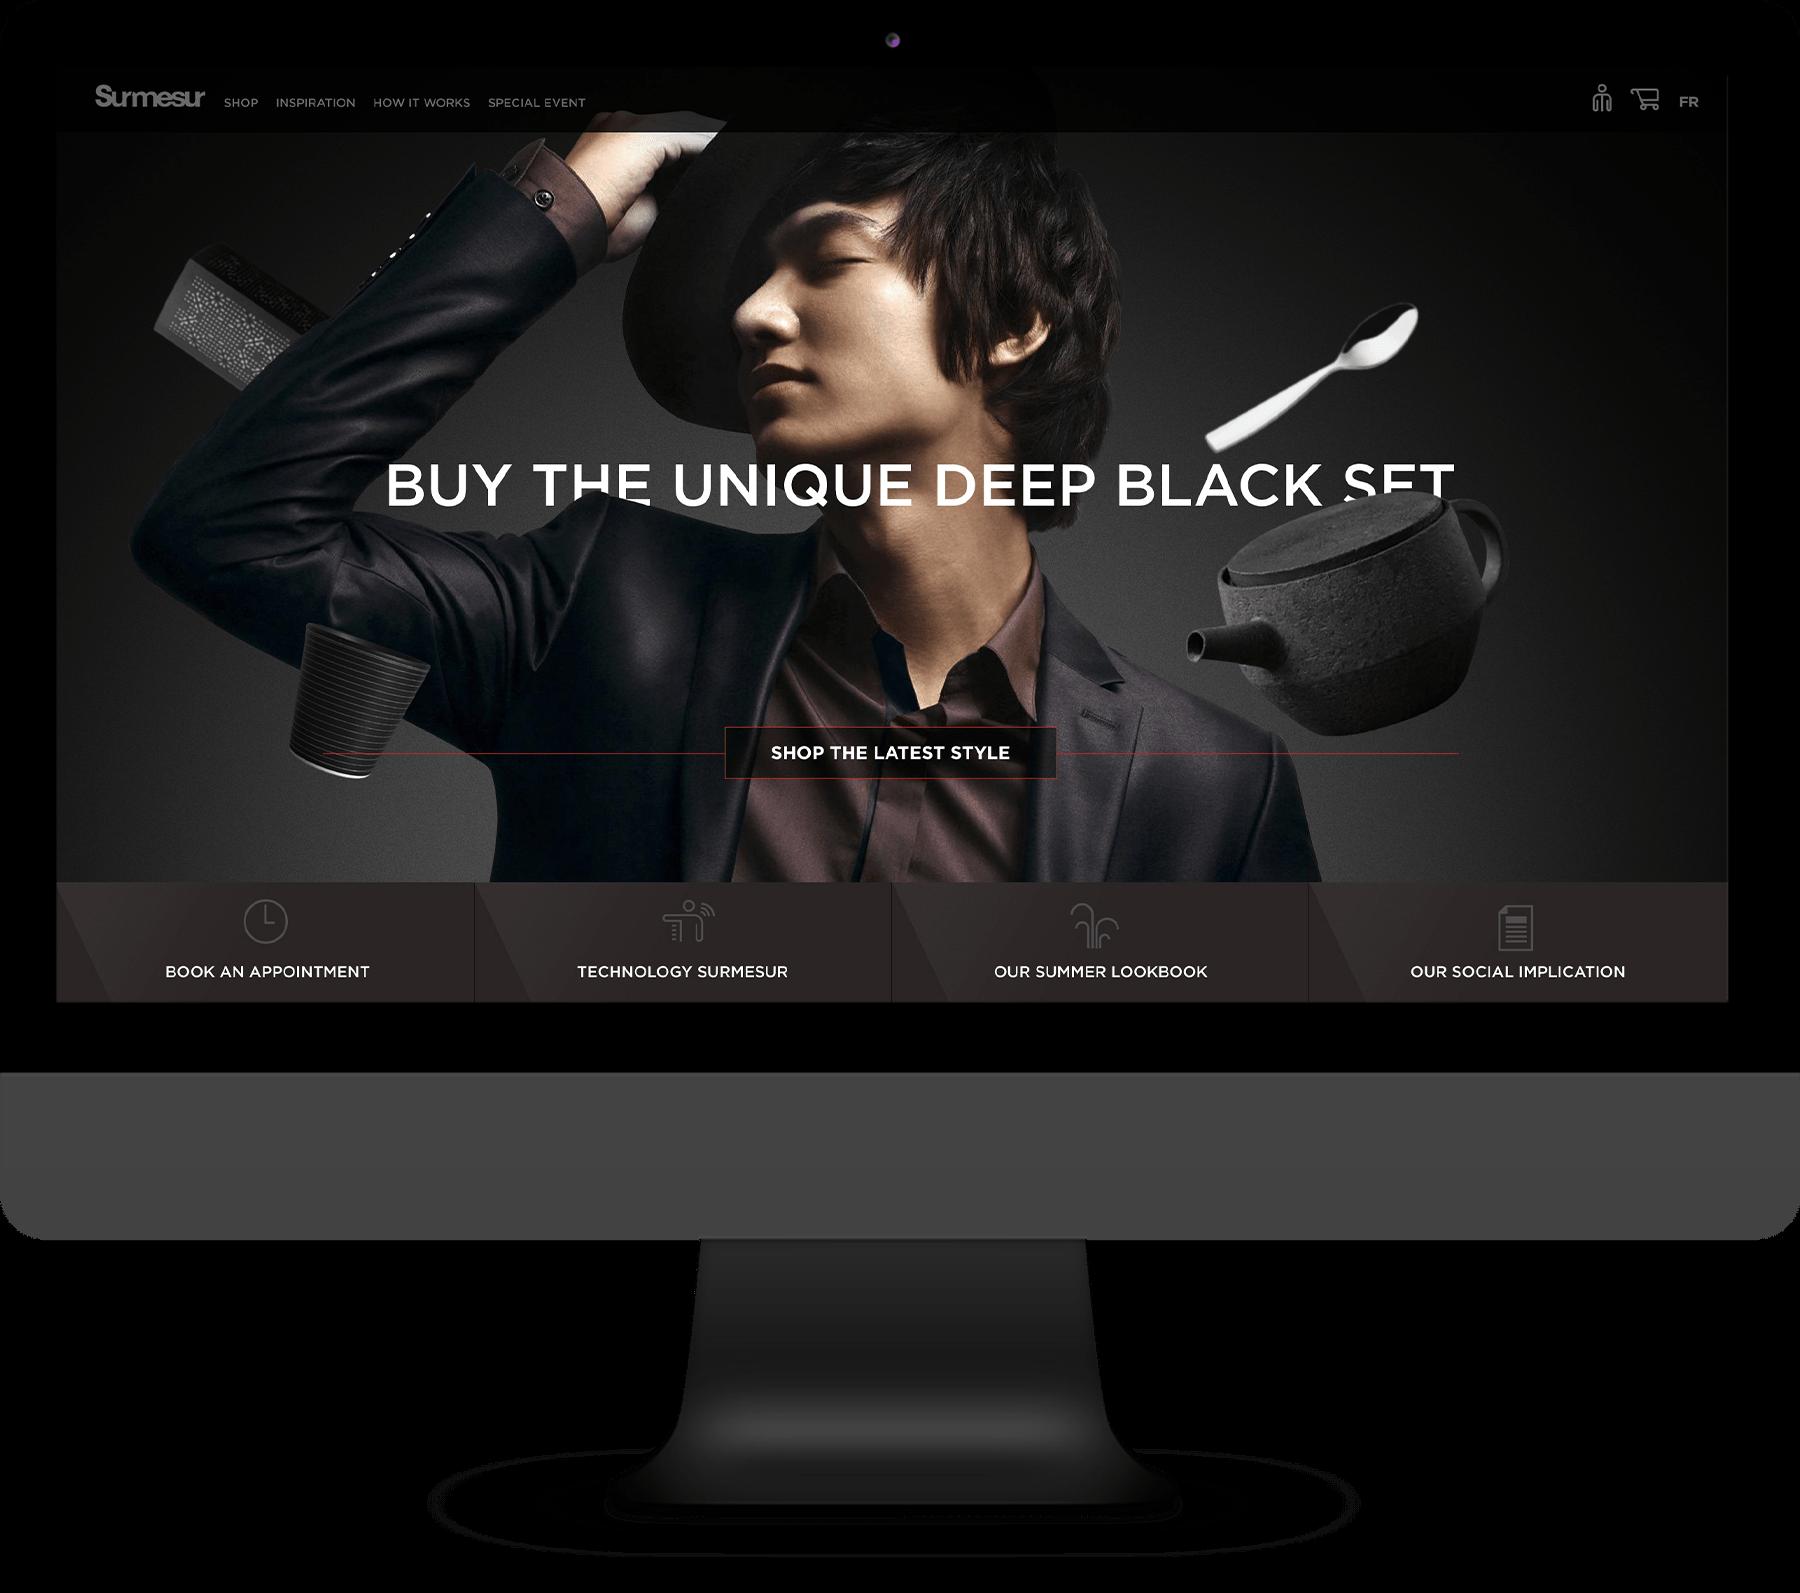 Les boutiques Surmesur - Site e Commerce, Logiciel web & Visualisateur 3D